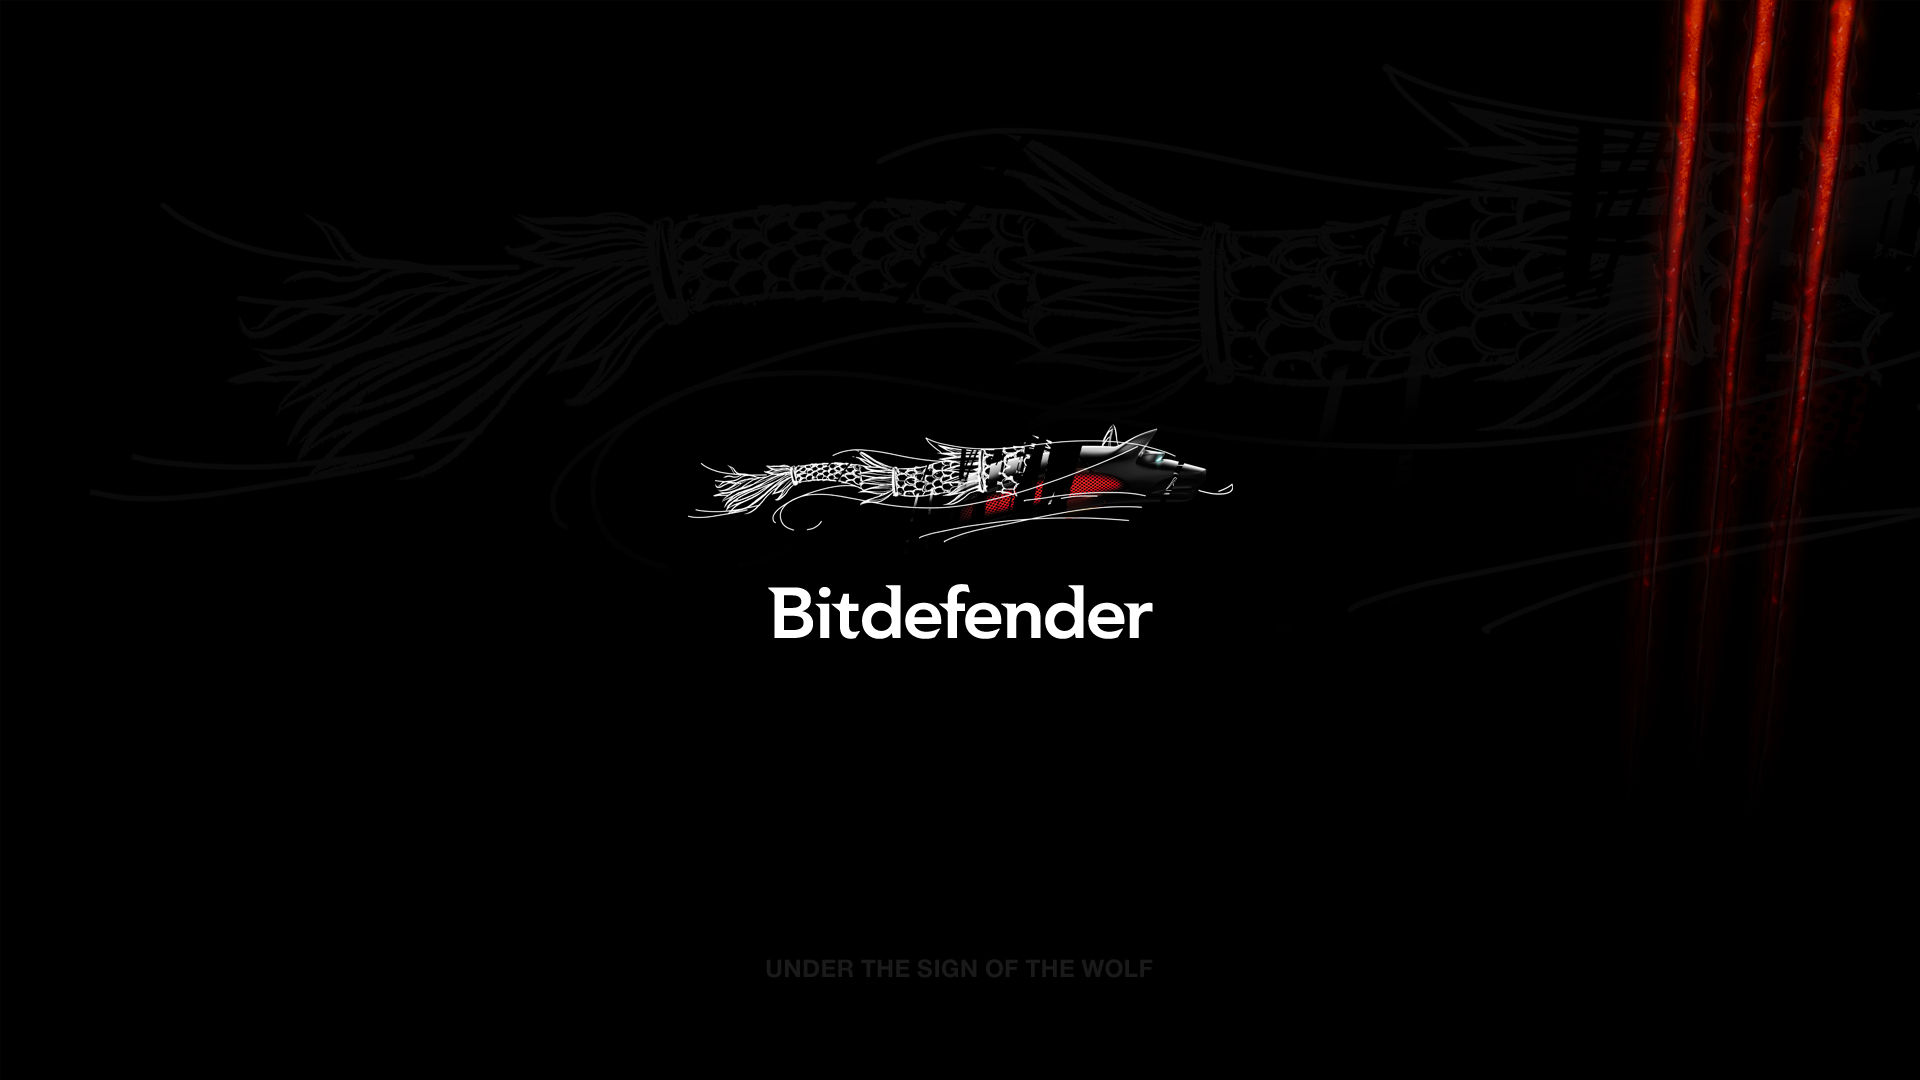 30 Bitdefender Pictures IKP86 Widescreen Wallpapers 1920x1080